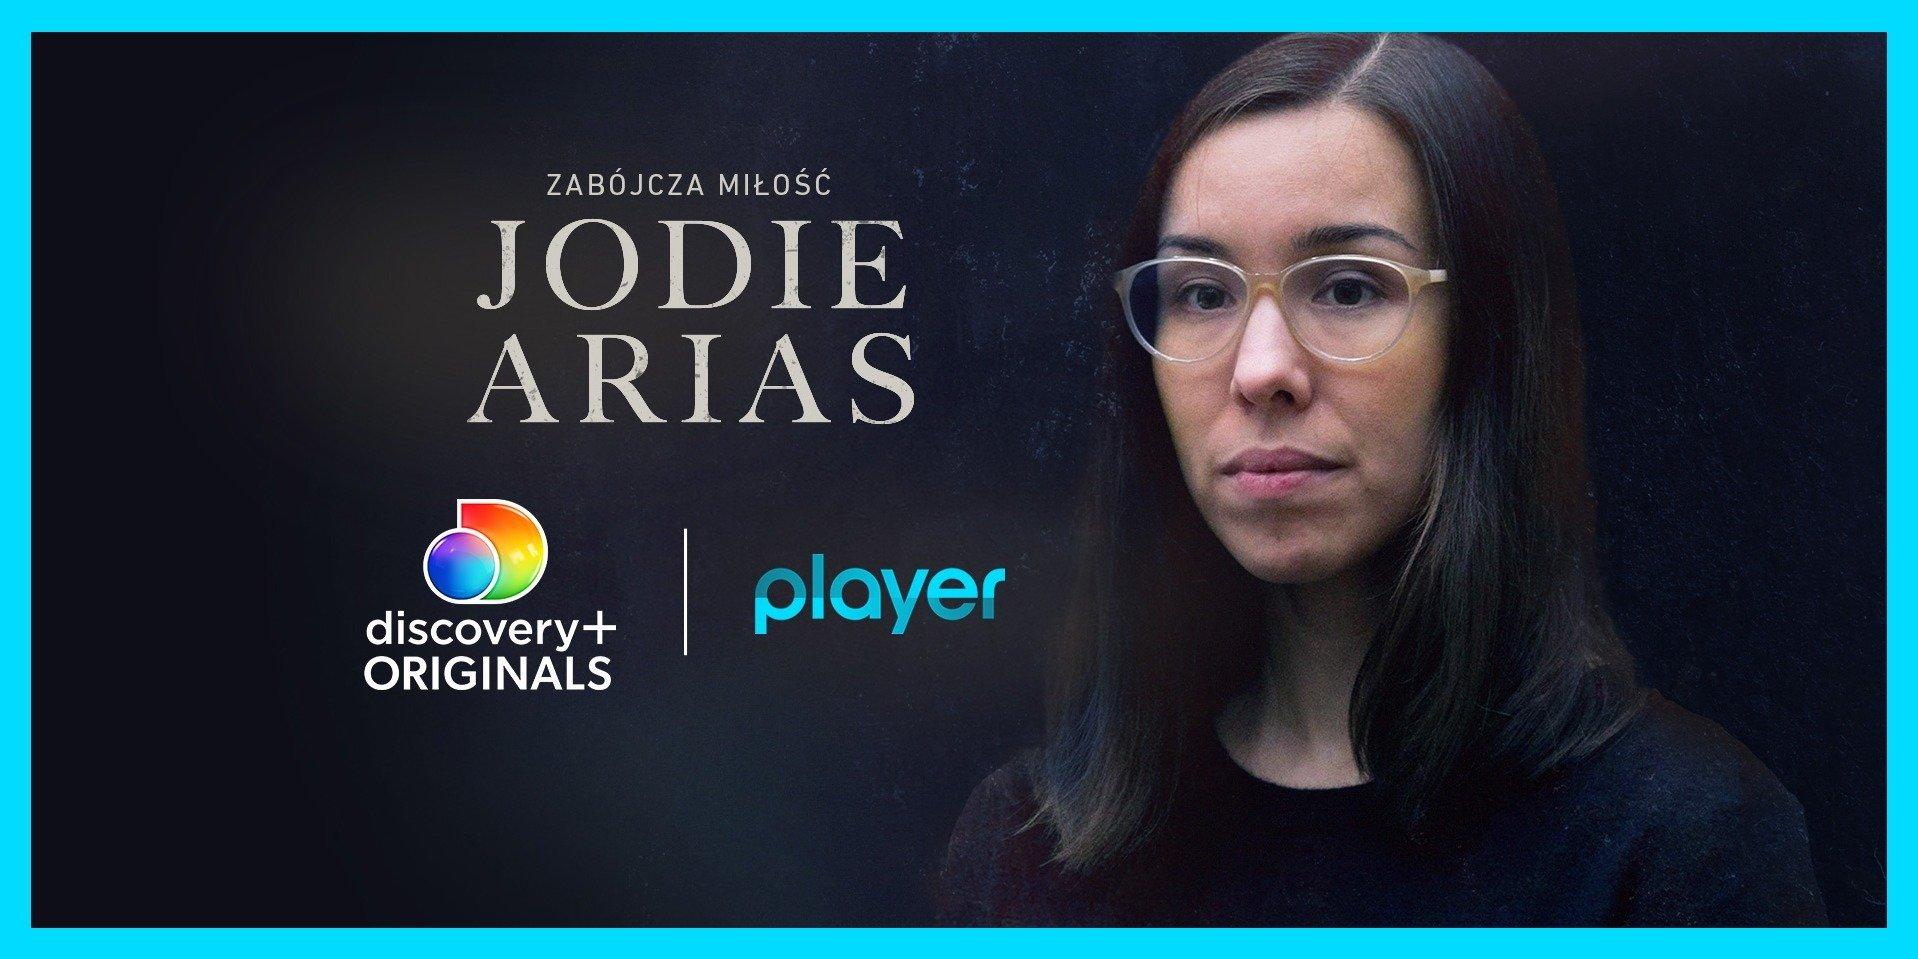 """""""Zabójcza miłość Jodie Arias"""" – nowy dokument discovery+ Originals tylko w Playerze!"""